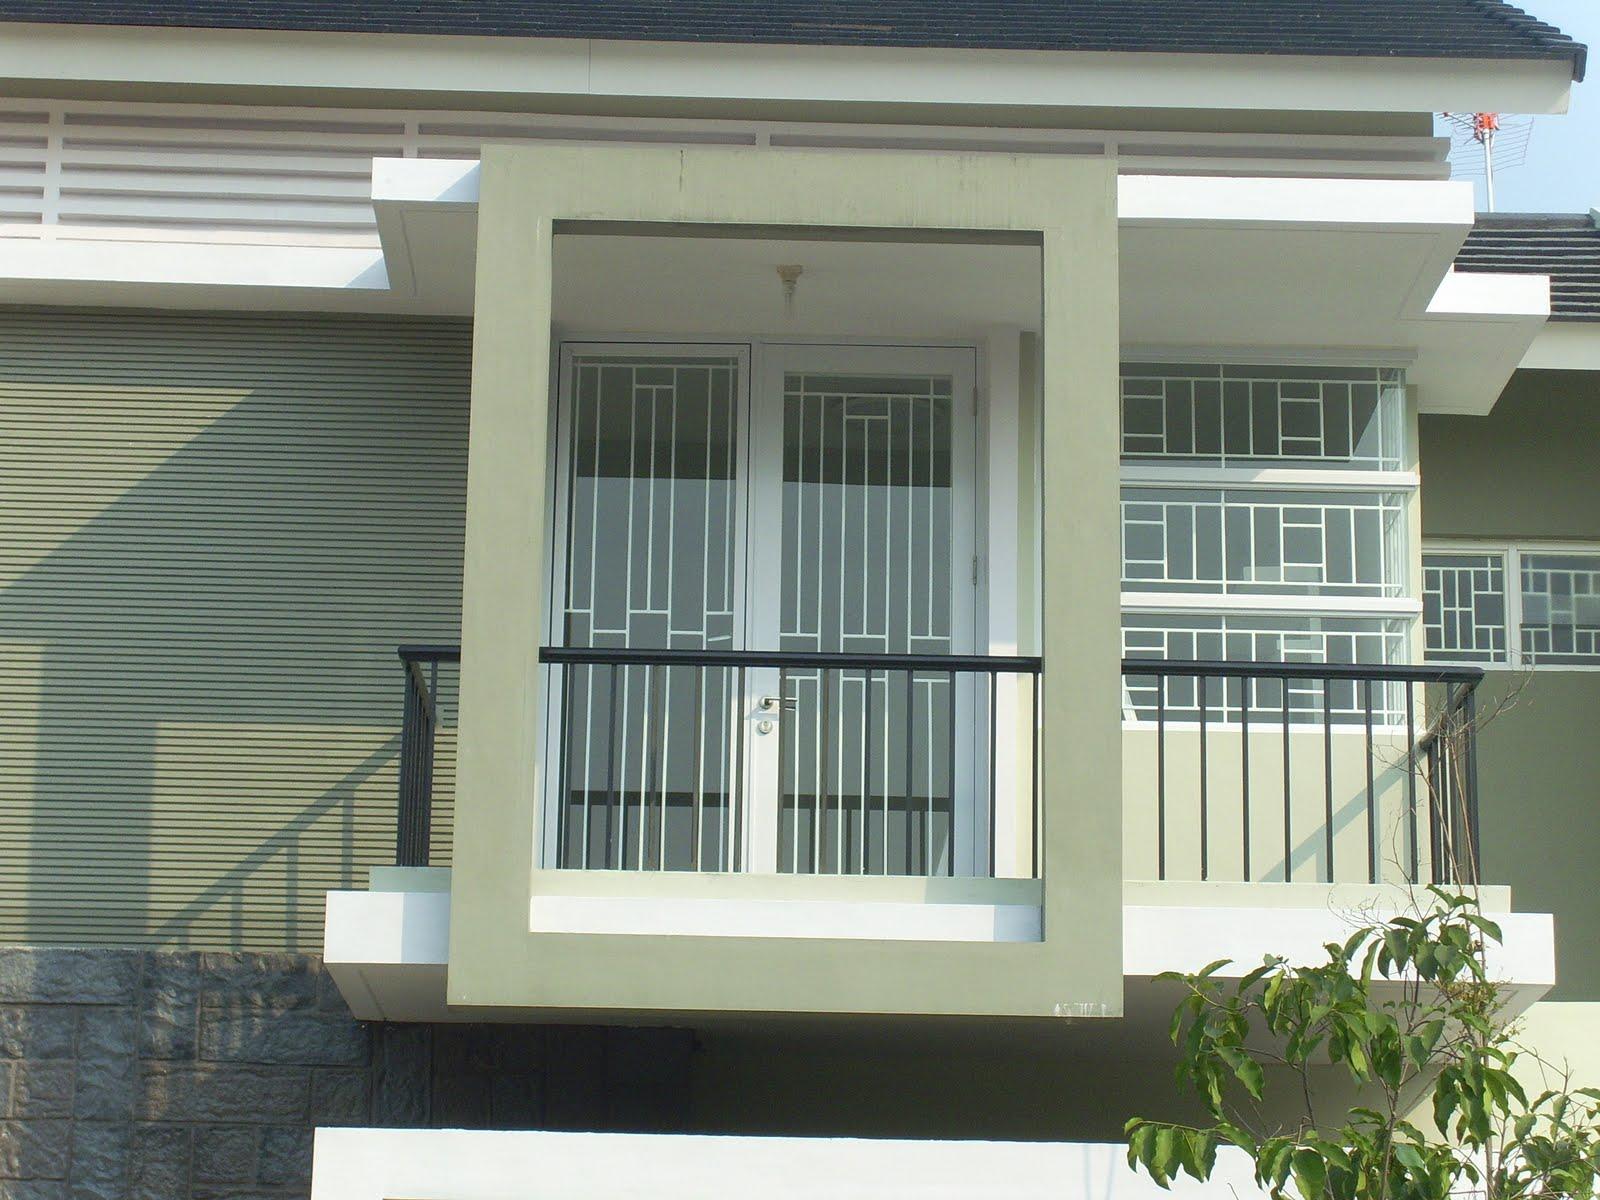 stainless steel besi teralis minimalis di perumahan